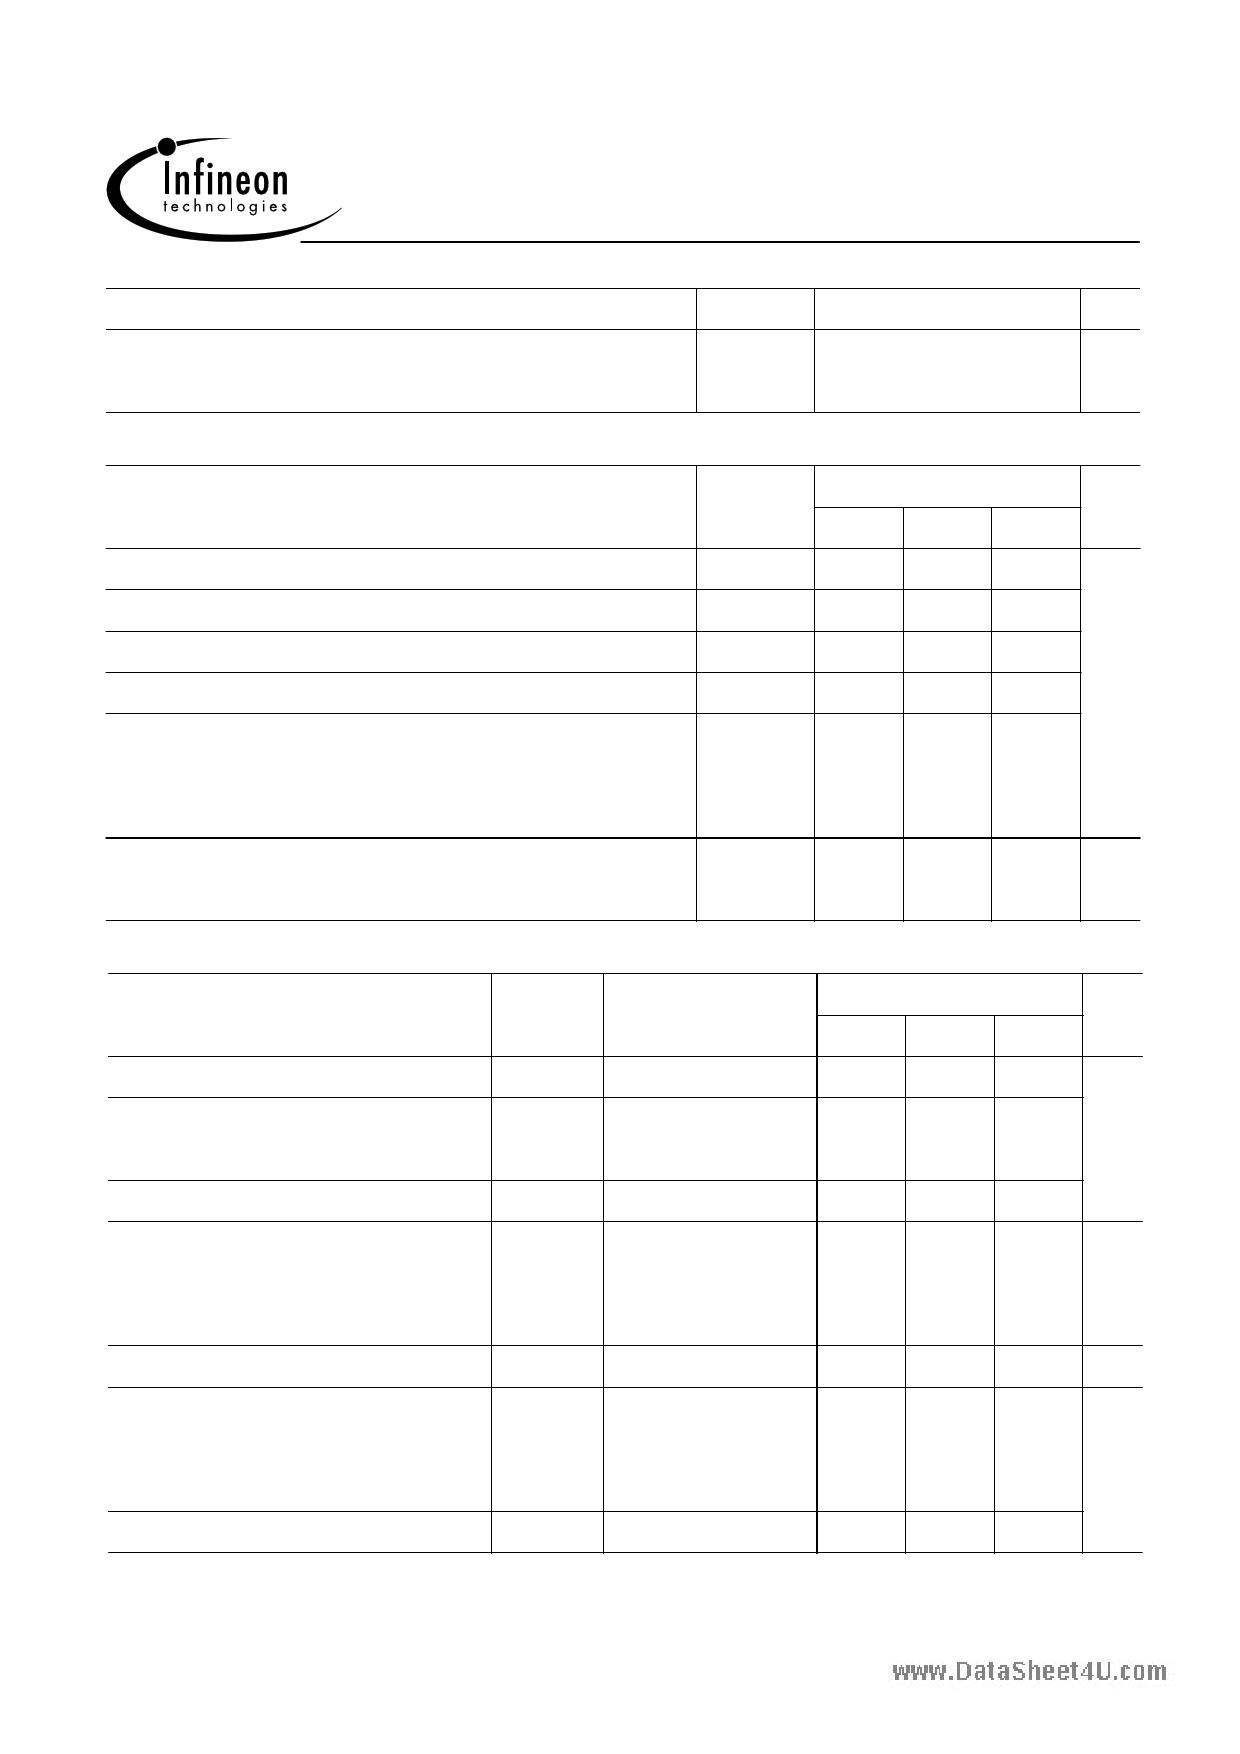 11N65C3 pdf schematic